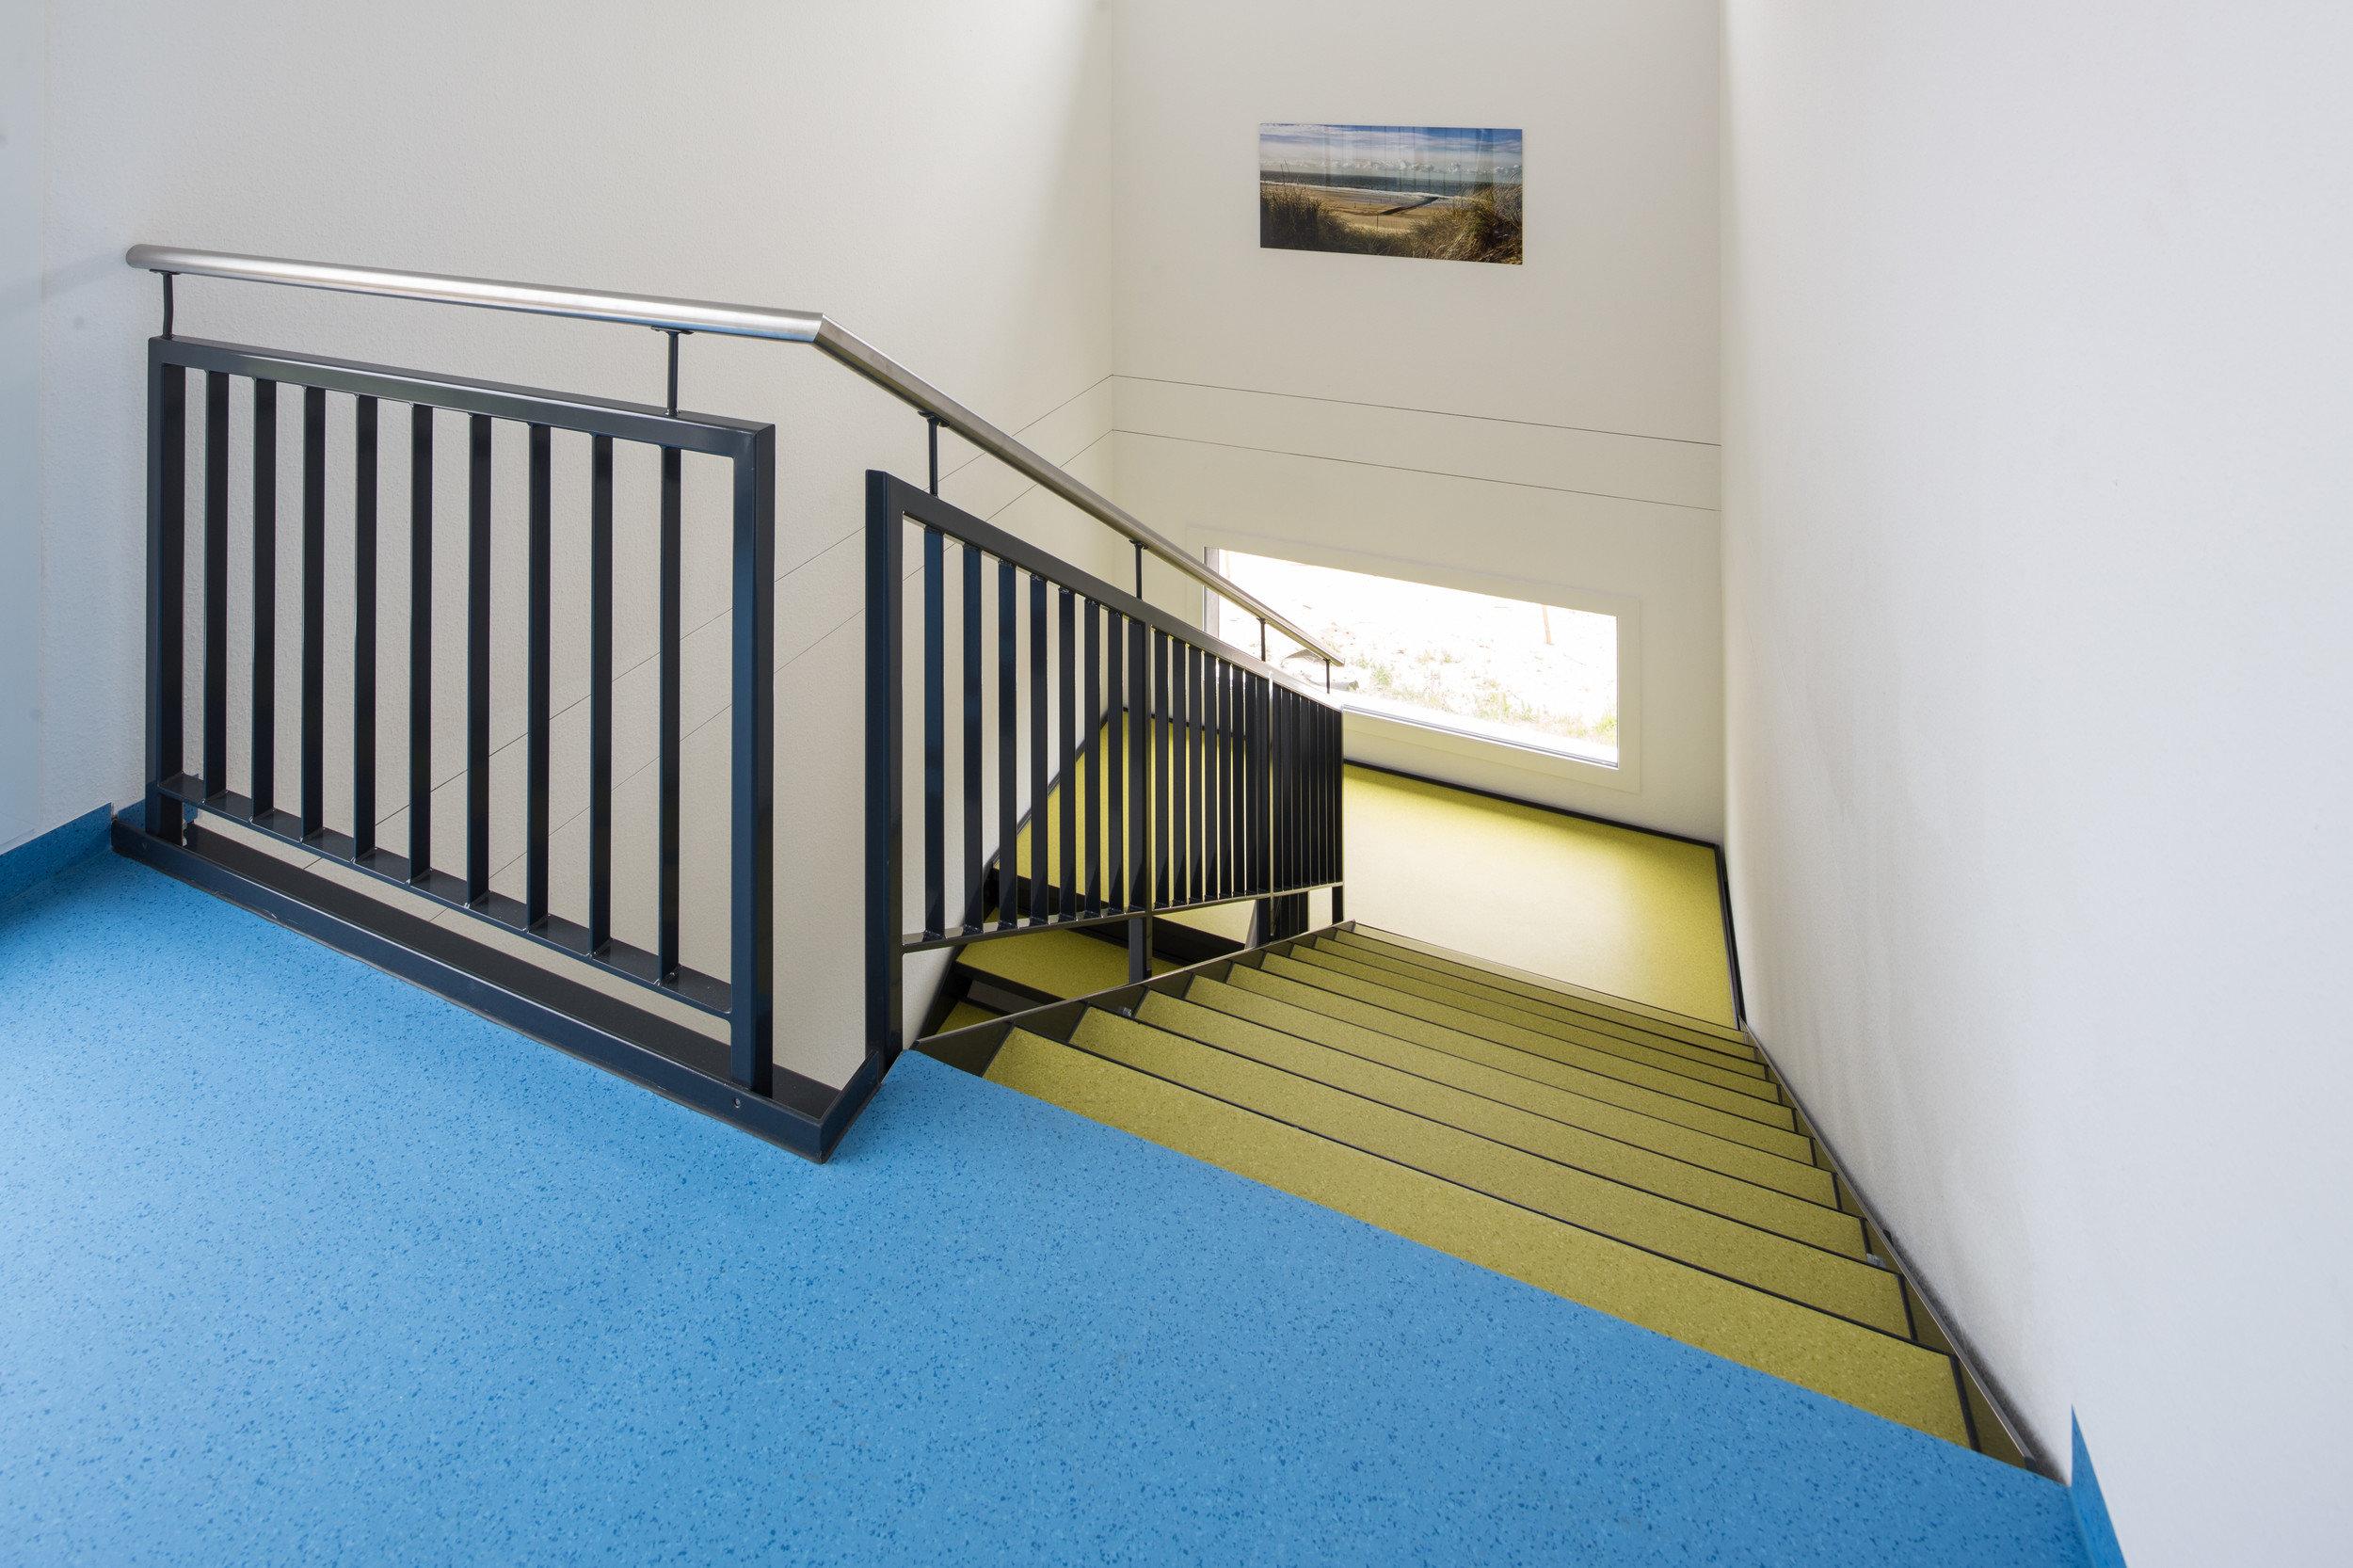 Treppenhaus innen in modernem und hellem Design